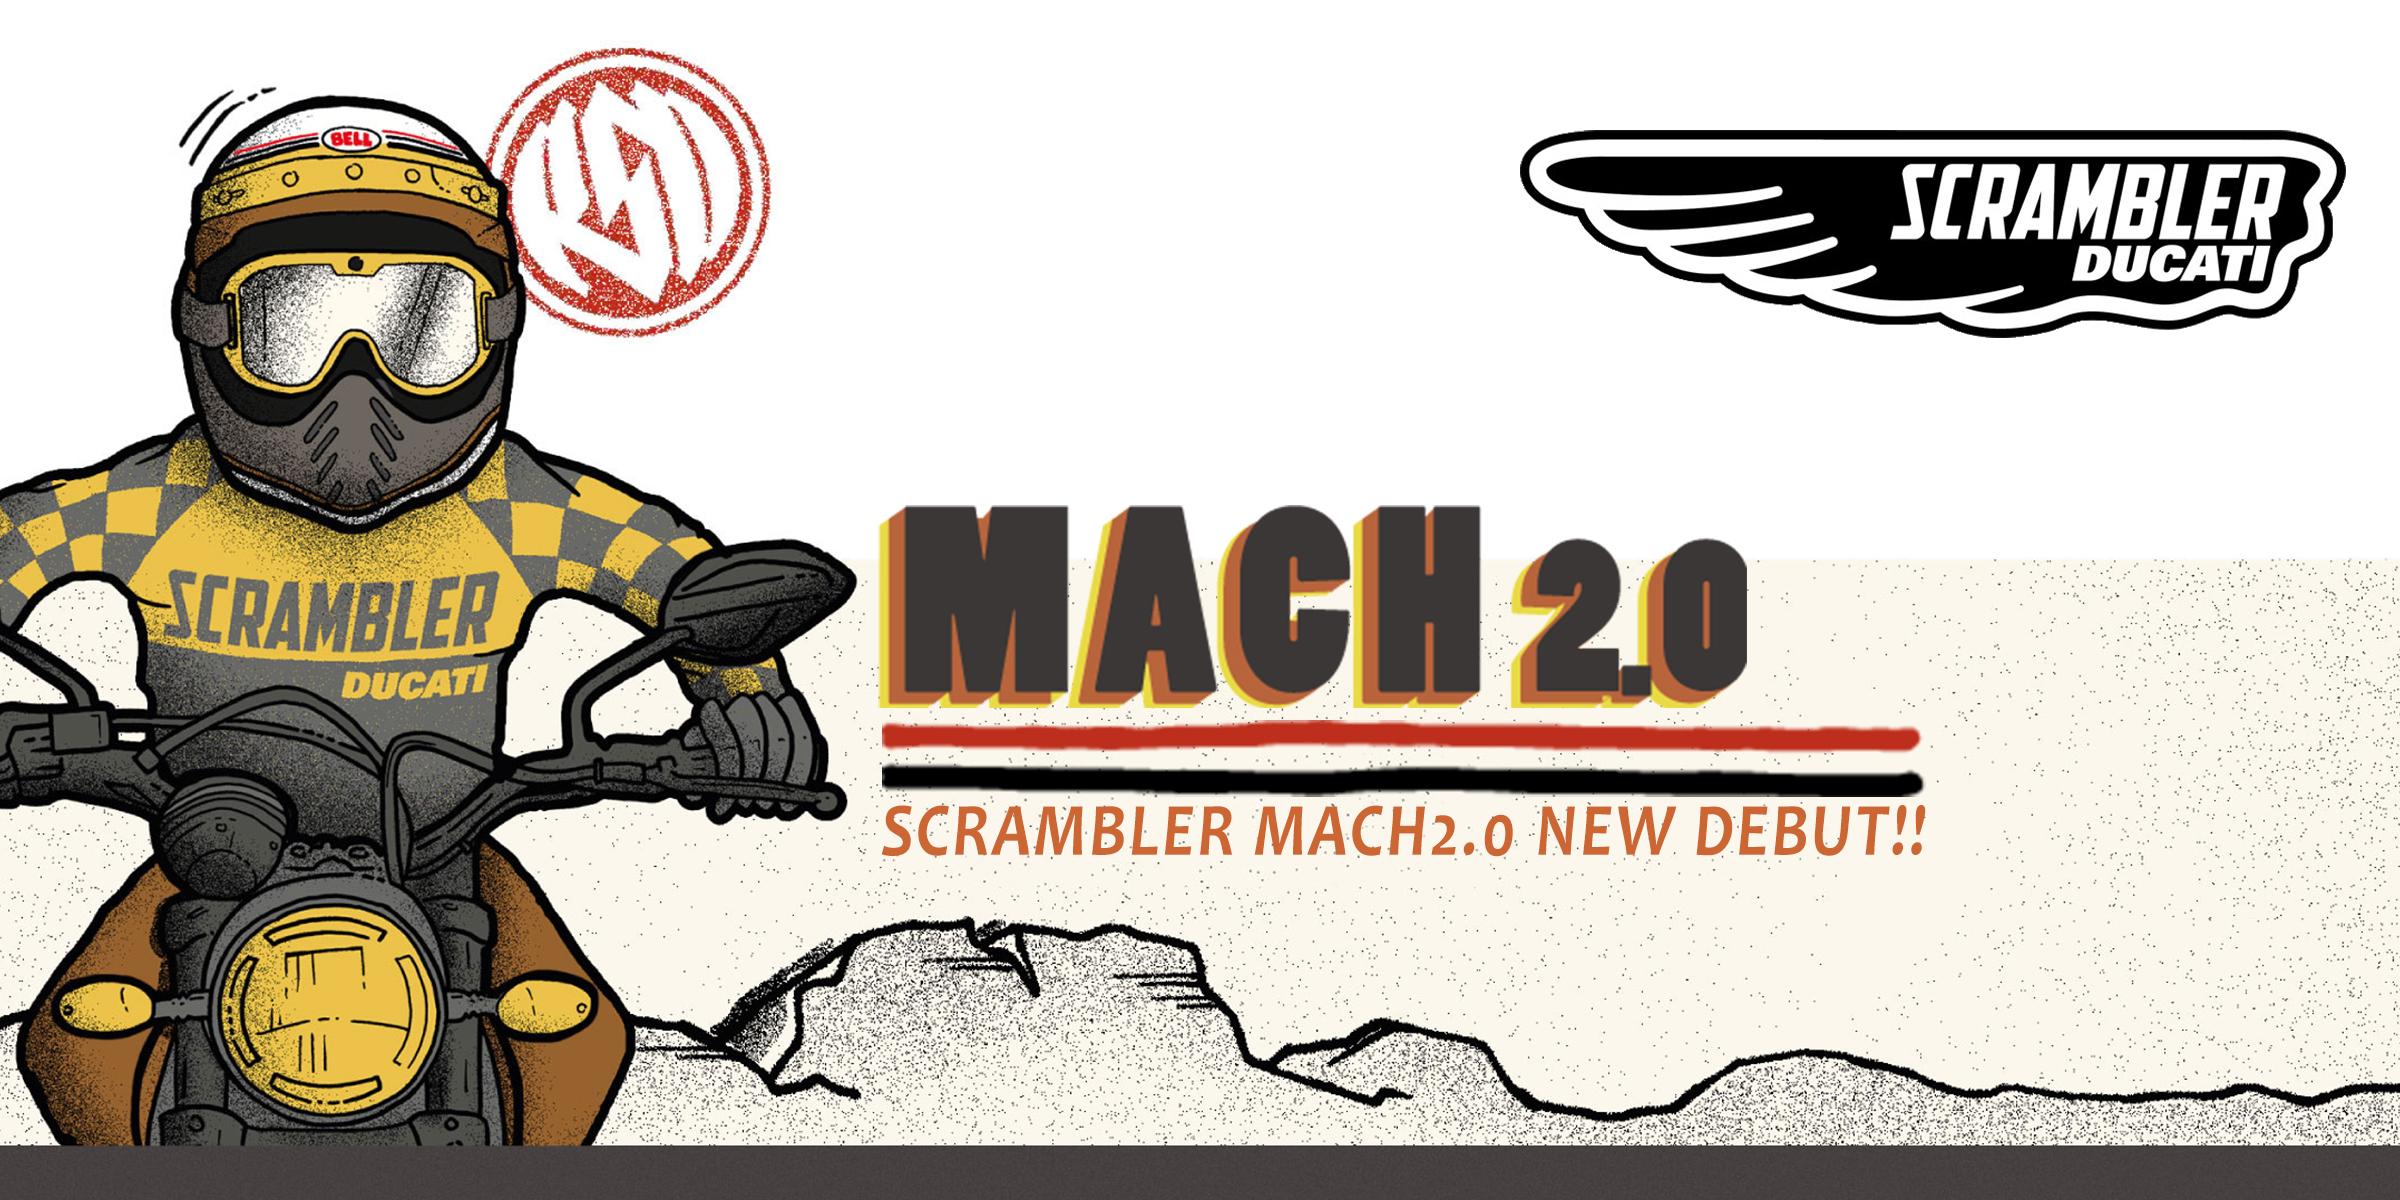 MACH 2.0